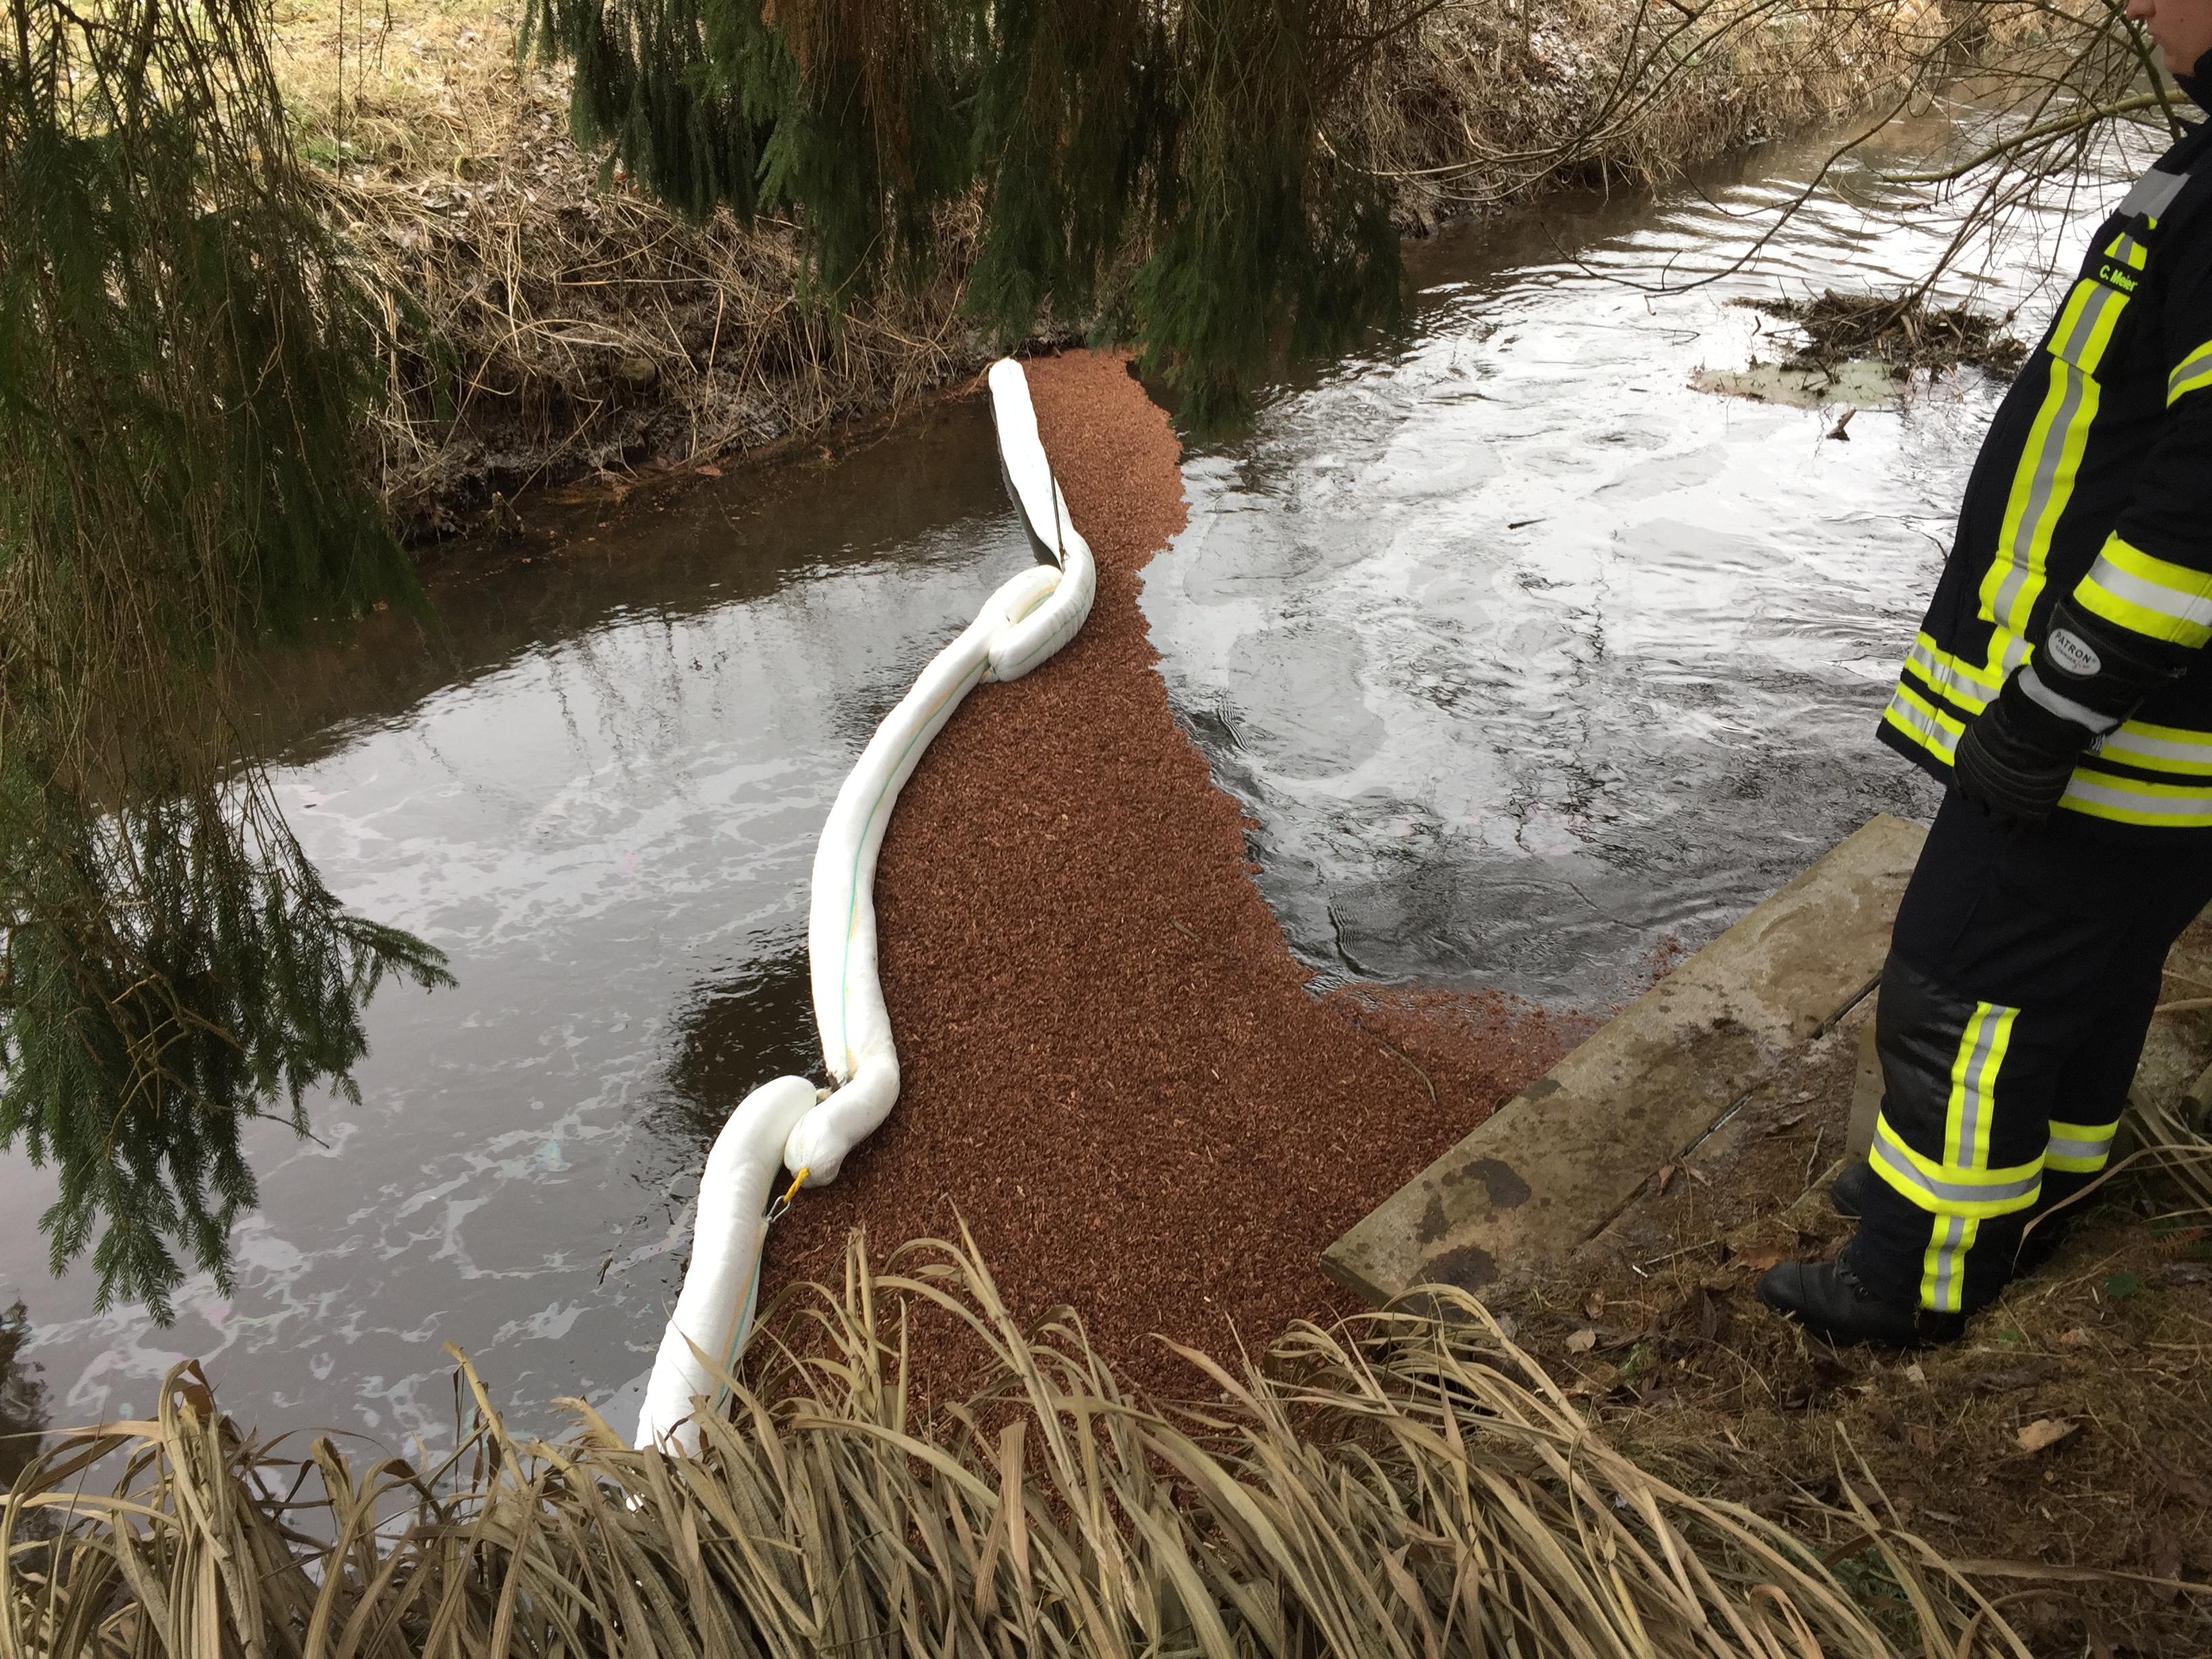 015. Gewässerverunreinigung auf der Hardau - Aufbau Ölsperre